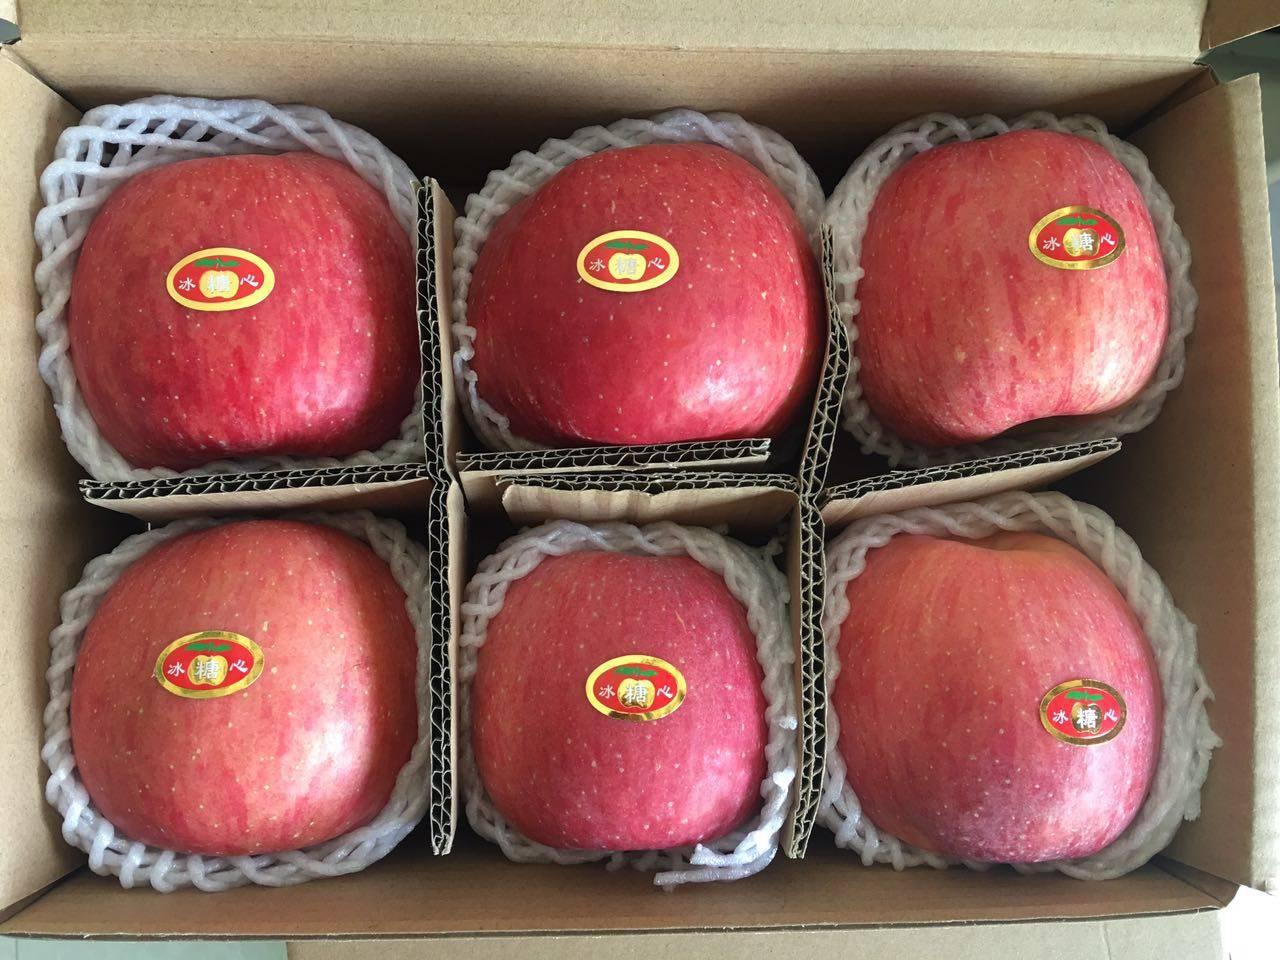 农家自产凤阁岭红富士苹果6个85#精选装24.8包邮